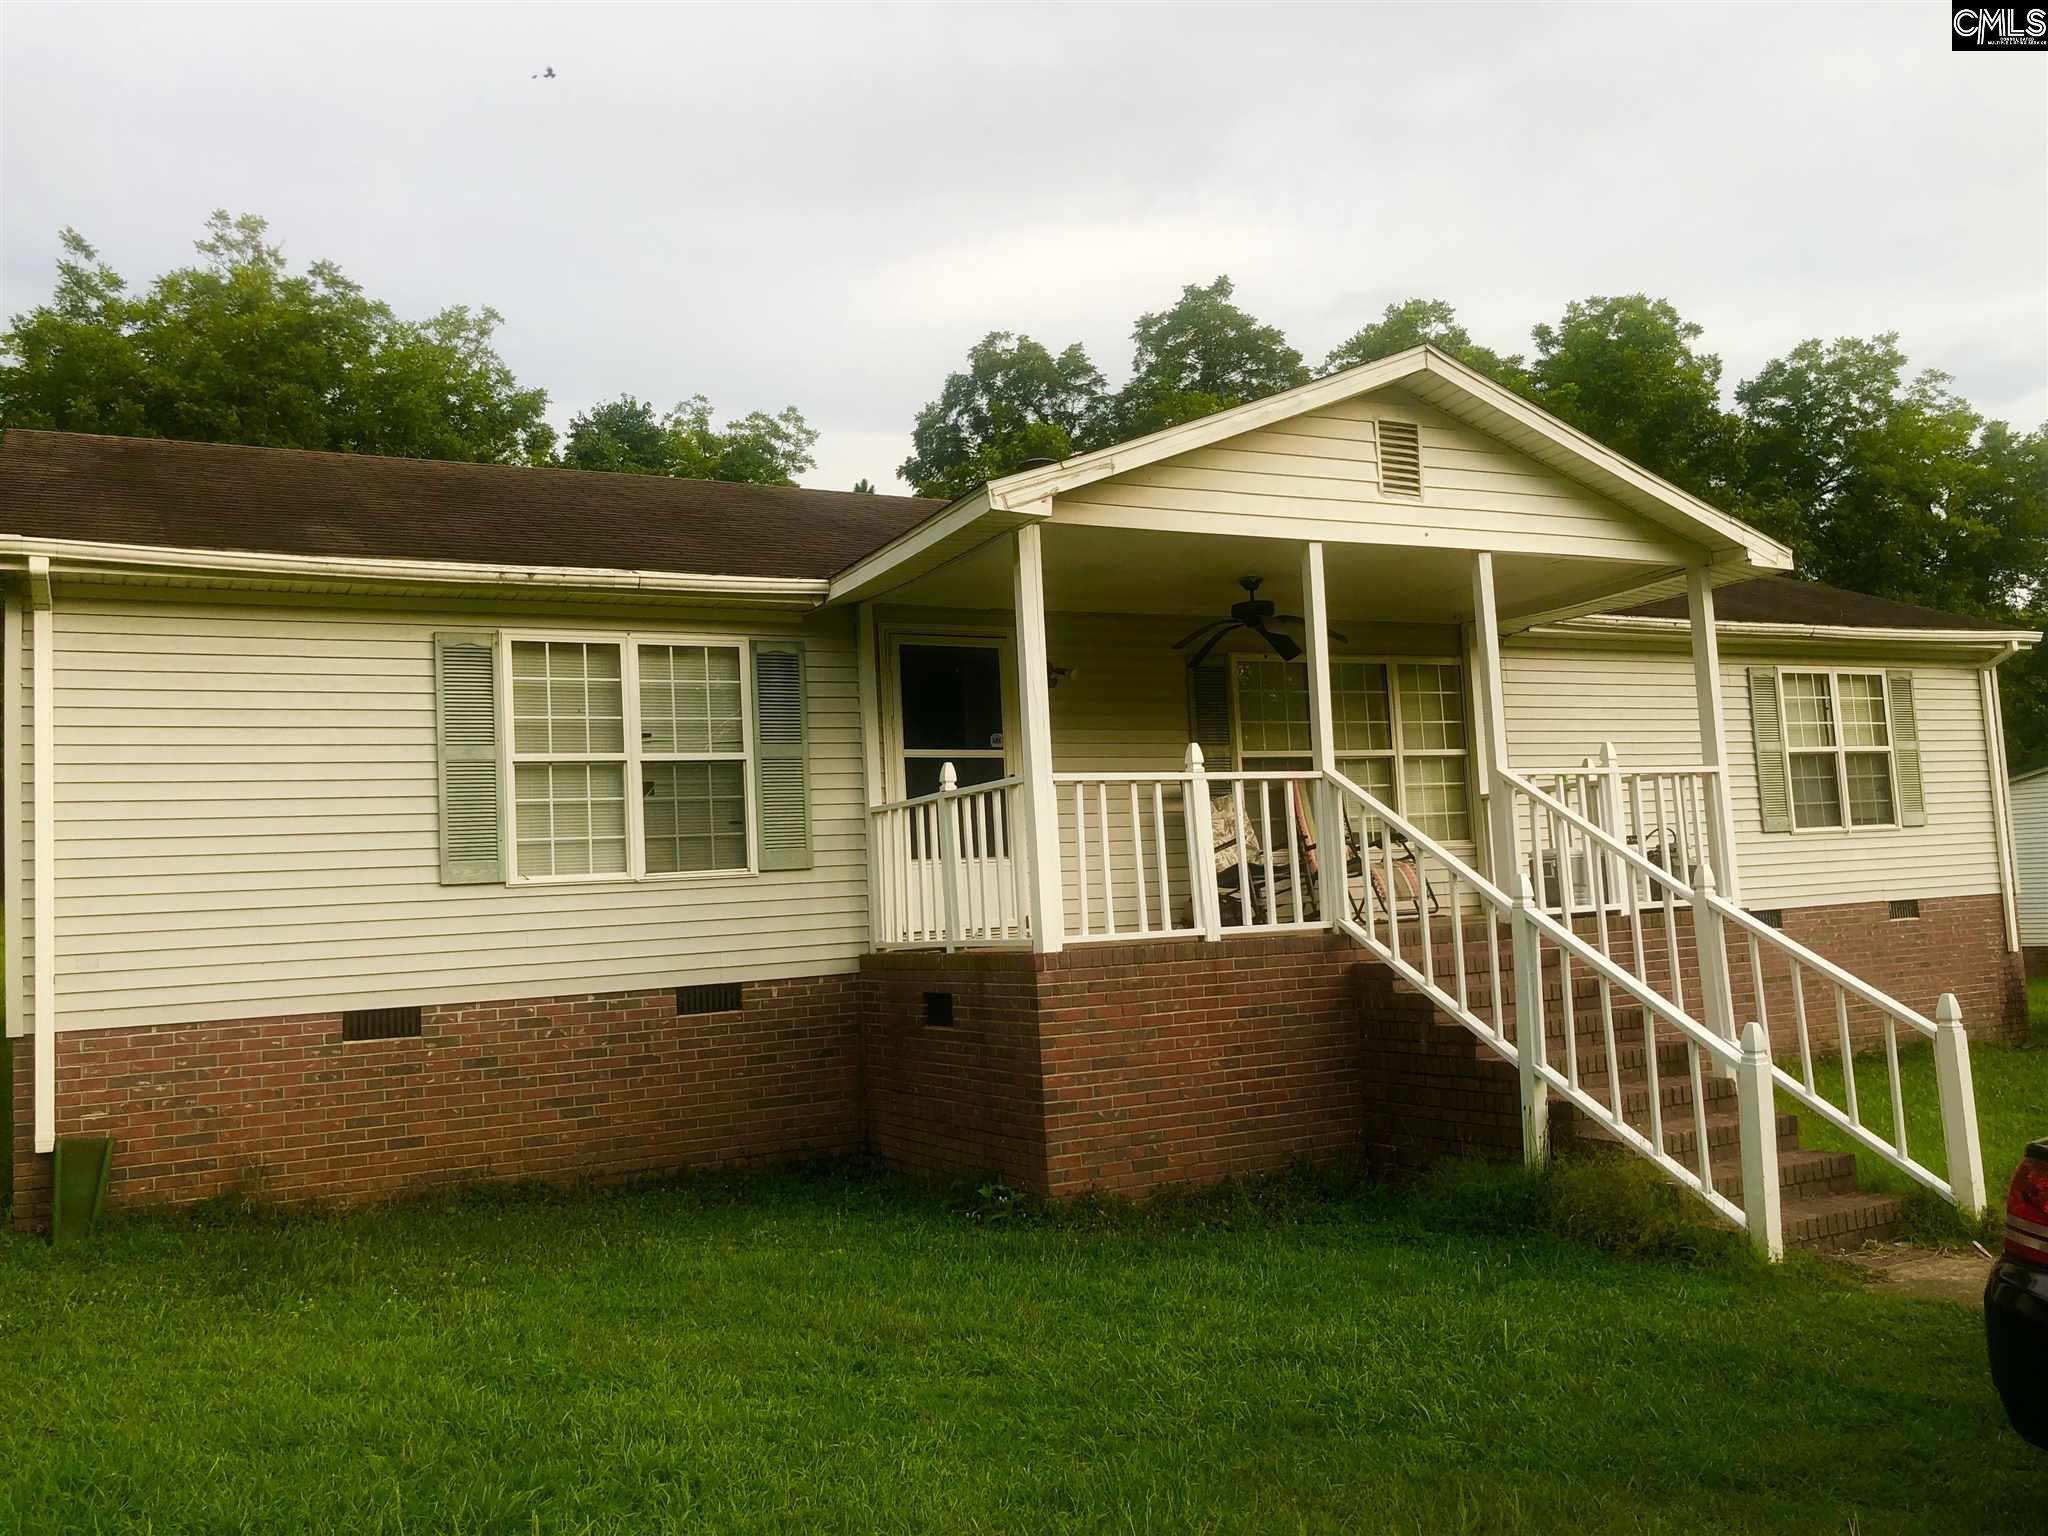 81 Cedar Grove Ridgeway, SC 29130